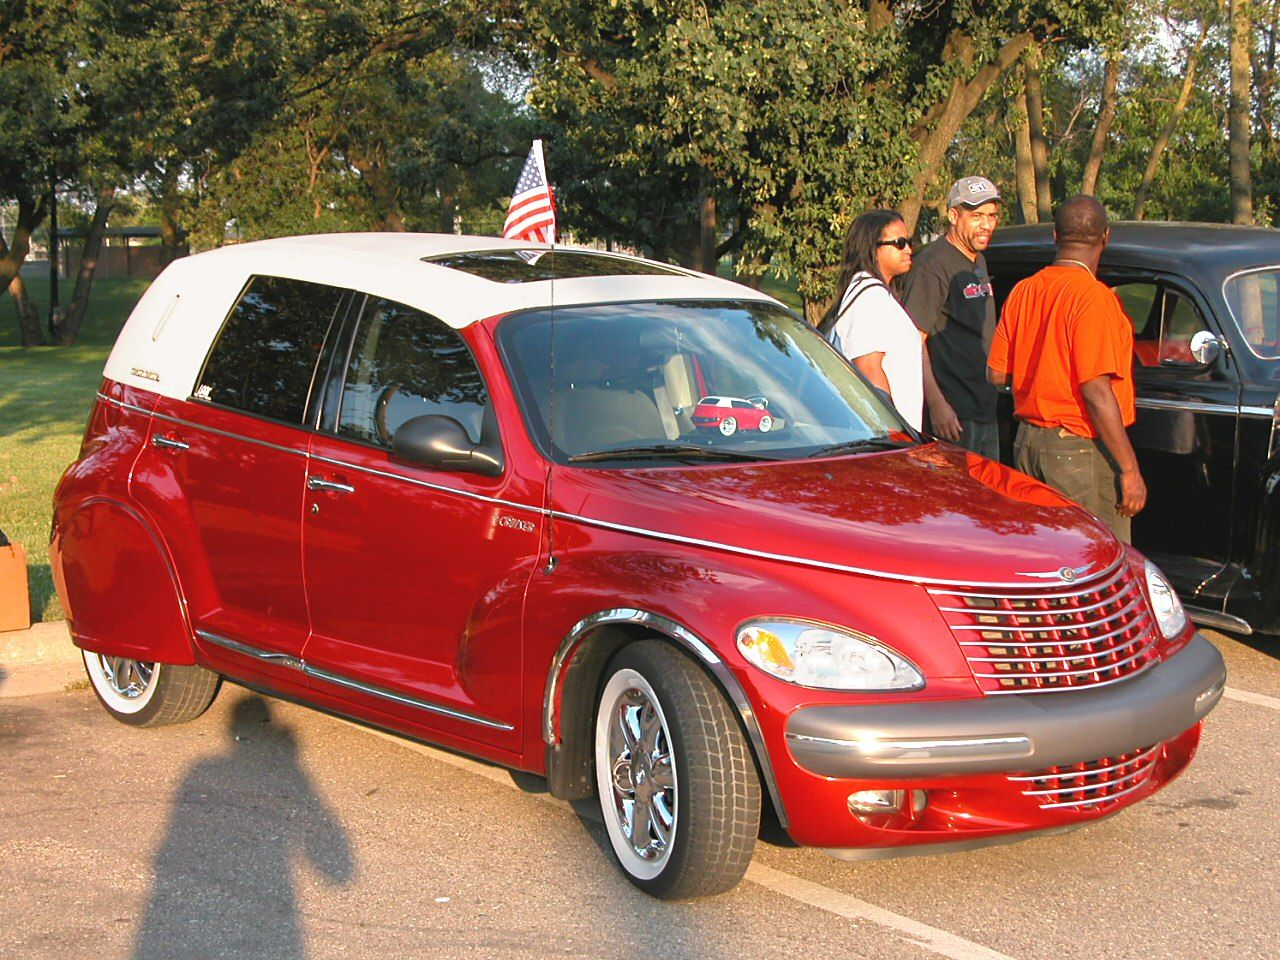 2002 pt cruiser tire size - Custom Car Cars 2002 Chrysler Pt Cruiser Custom Car Convertible Wsw Tires Fender